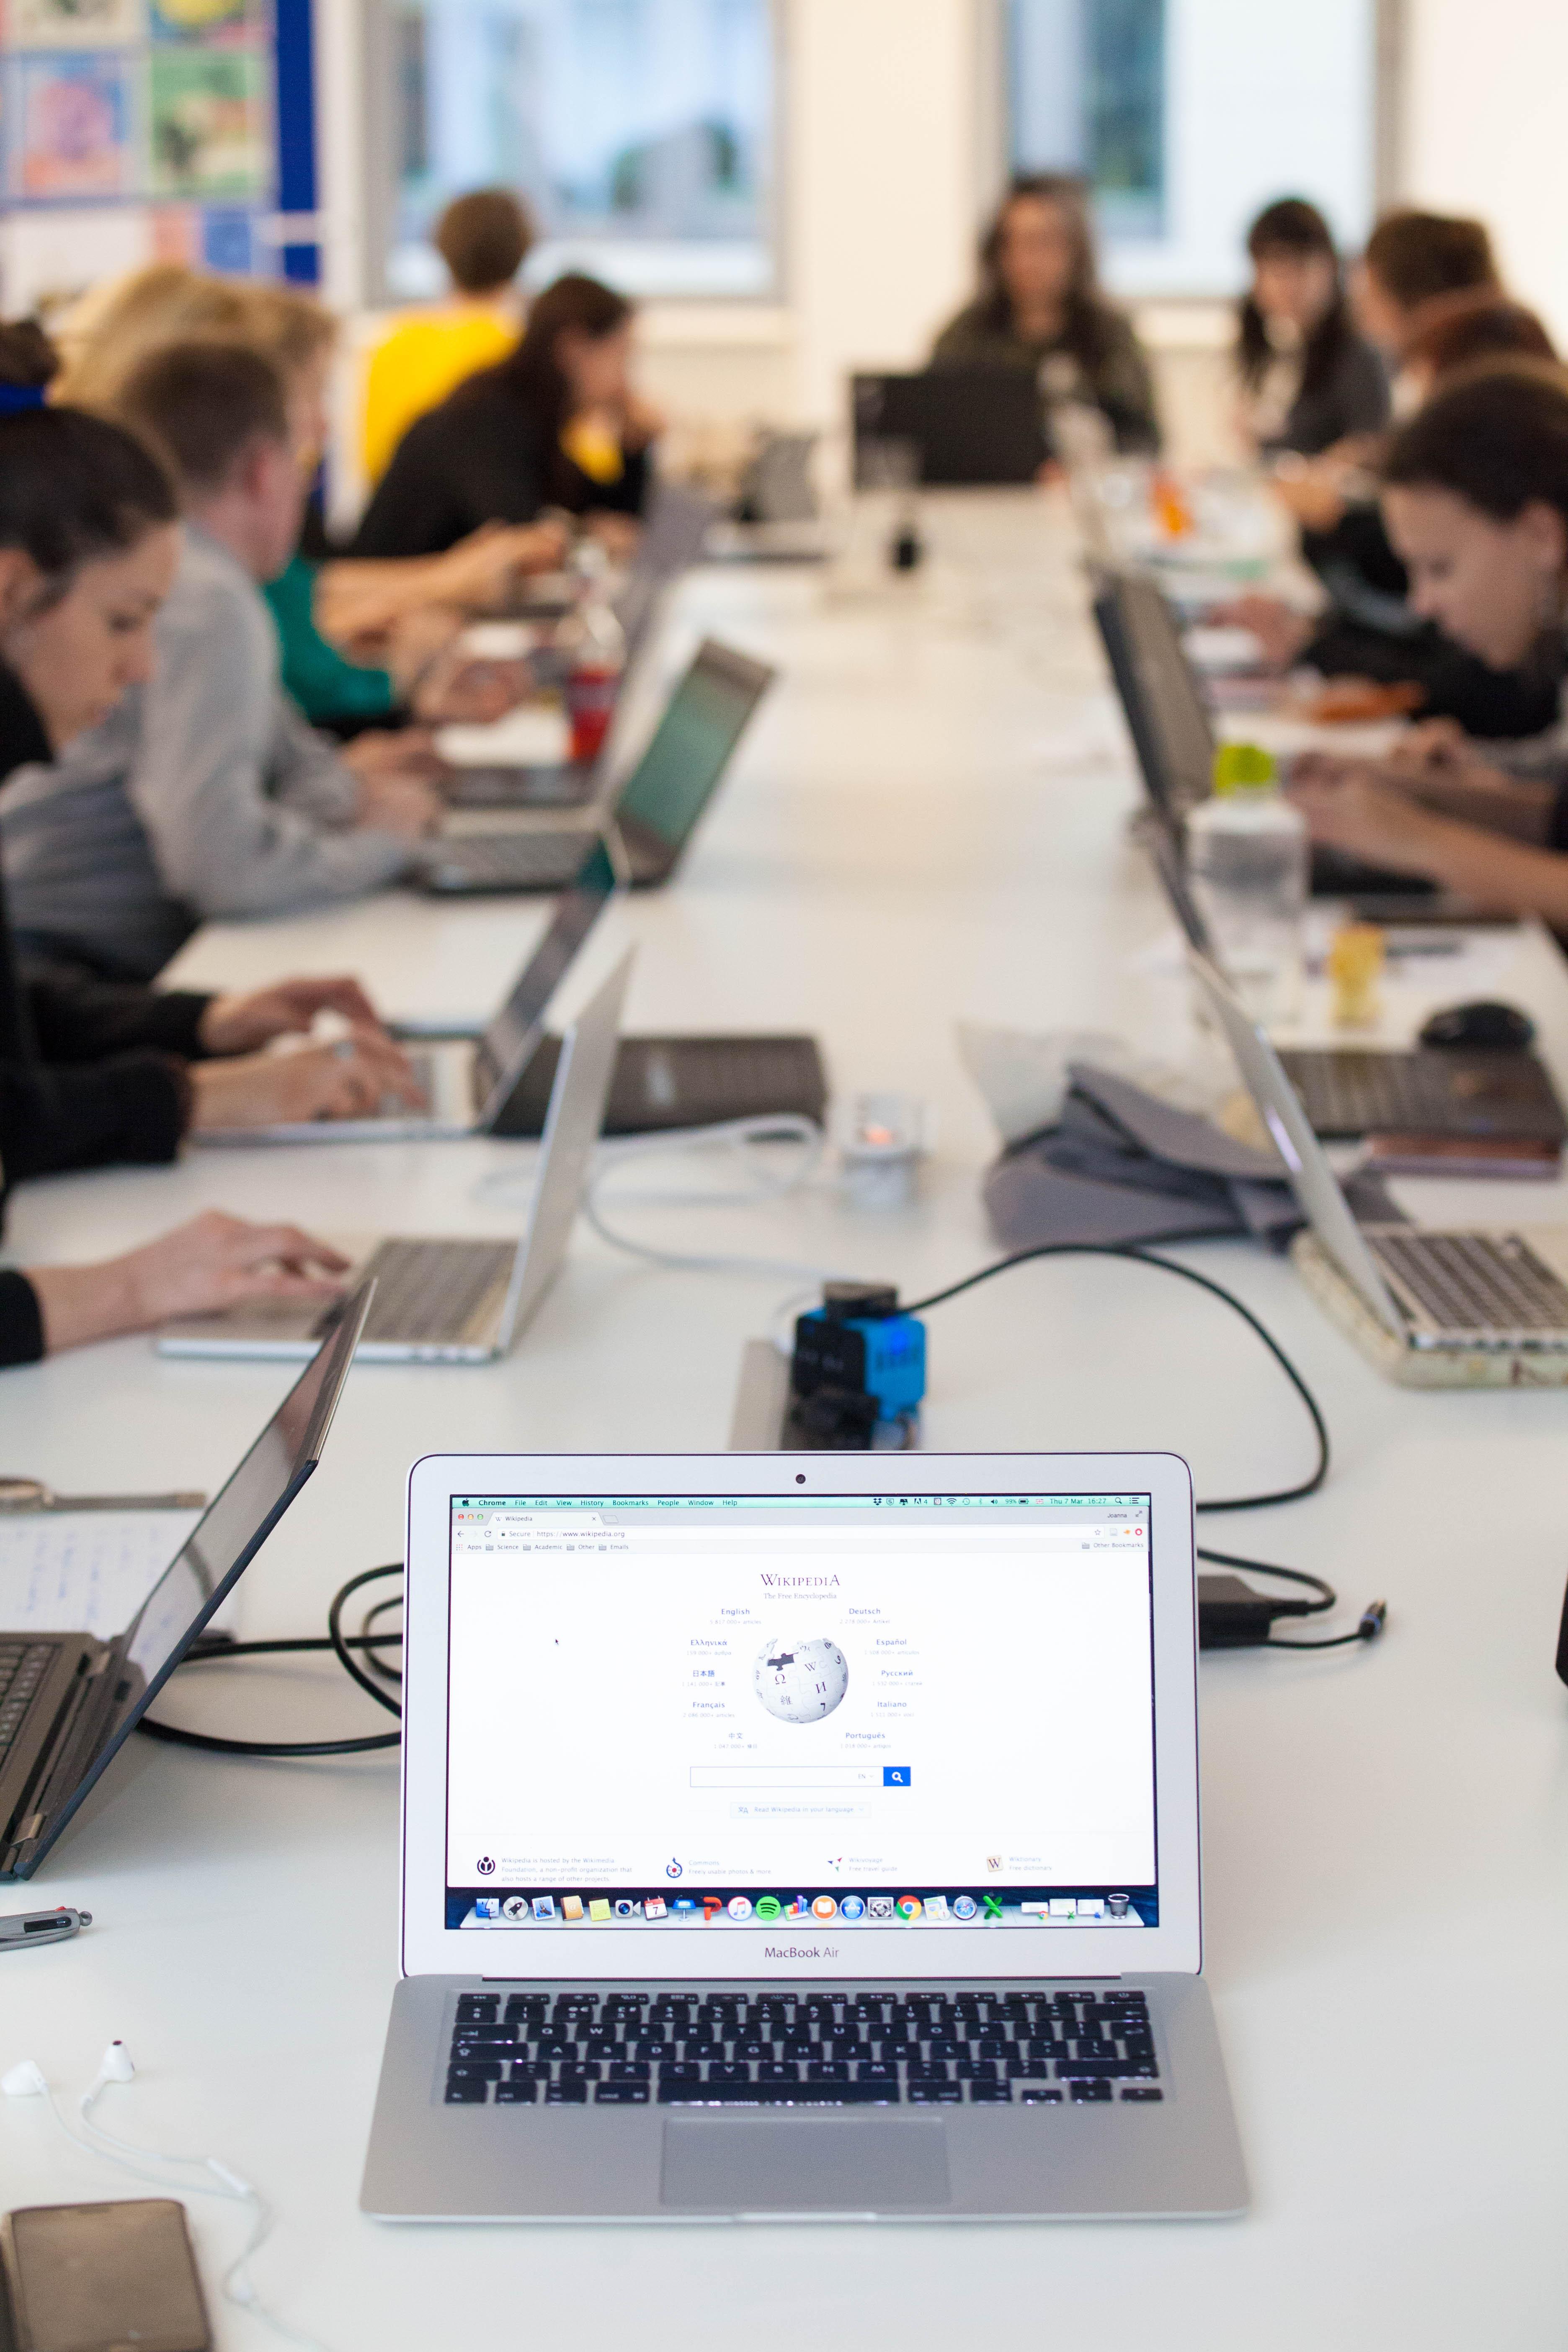 Vista d'una taula amb gent asseguda treballant amb ordinadors portàtils. En primer terme, un ordinador amb la pàgina principal de la Viquipèdia a la pantalla